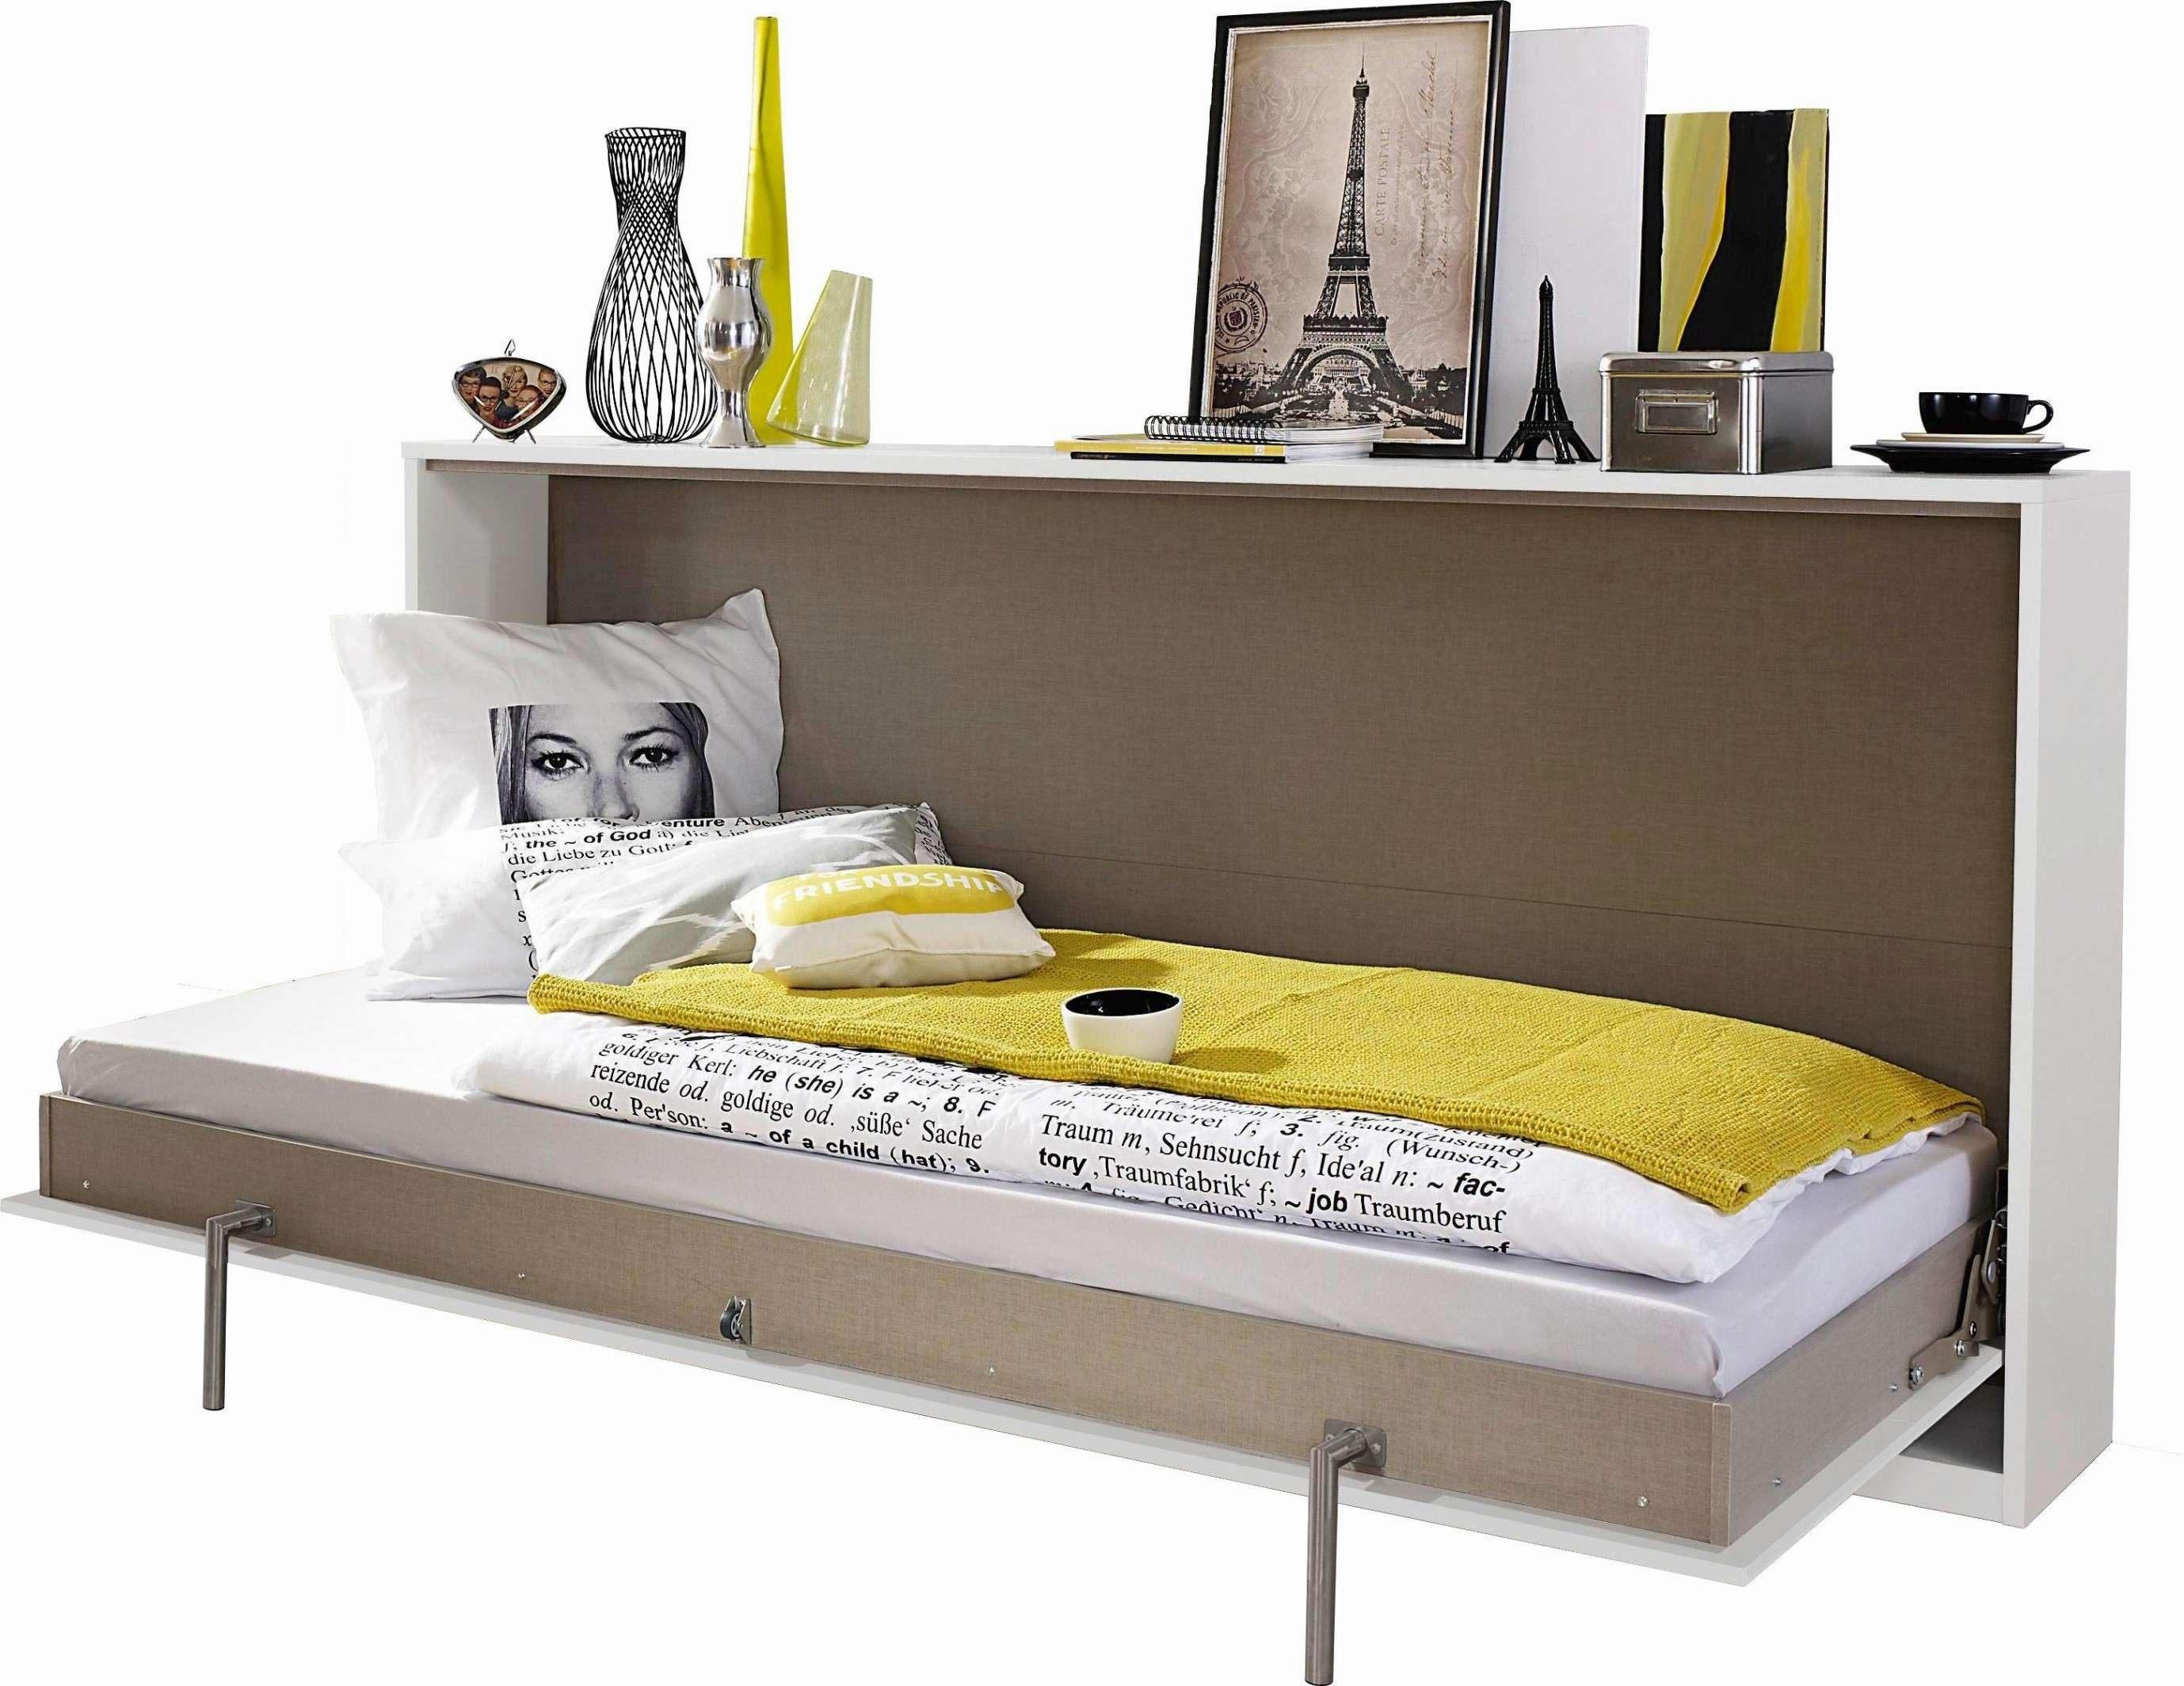 tete de lit chez but bel adorable etagere tete de lit ikea. Black Bedroom Furniture Sets. Home Design Ideas